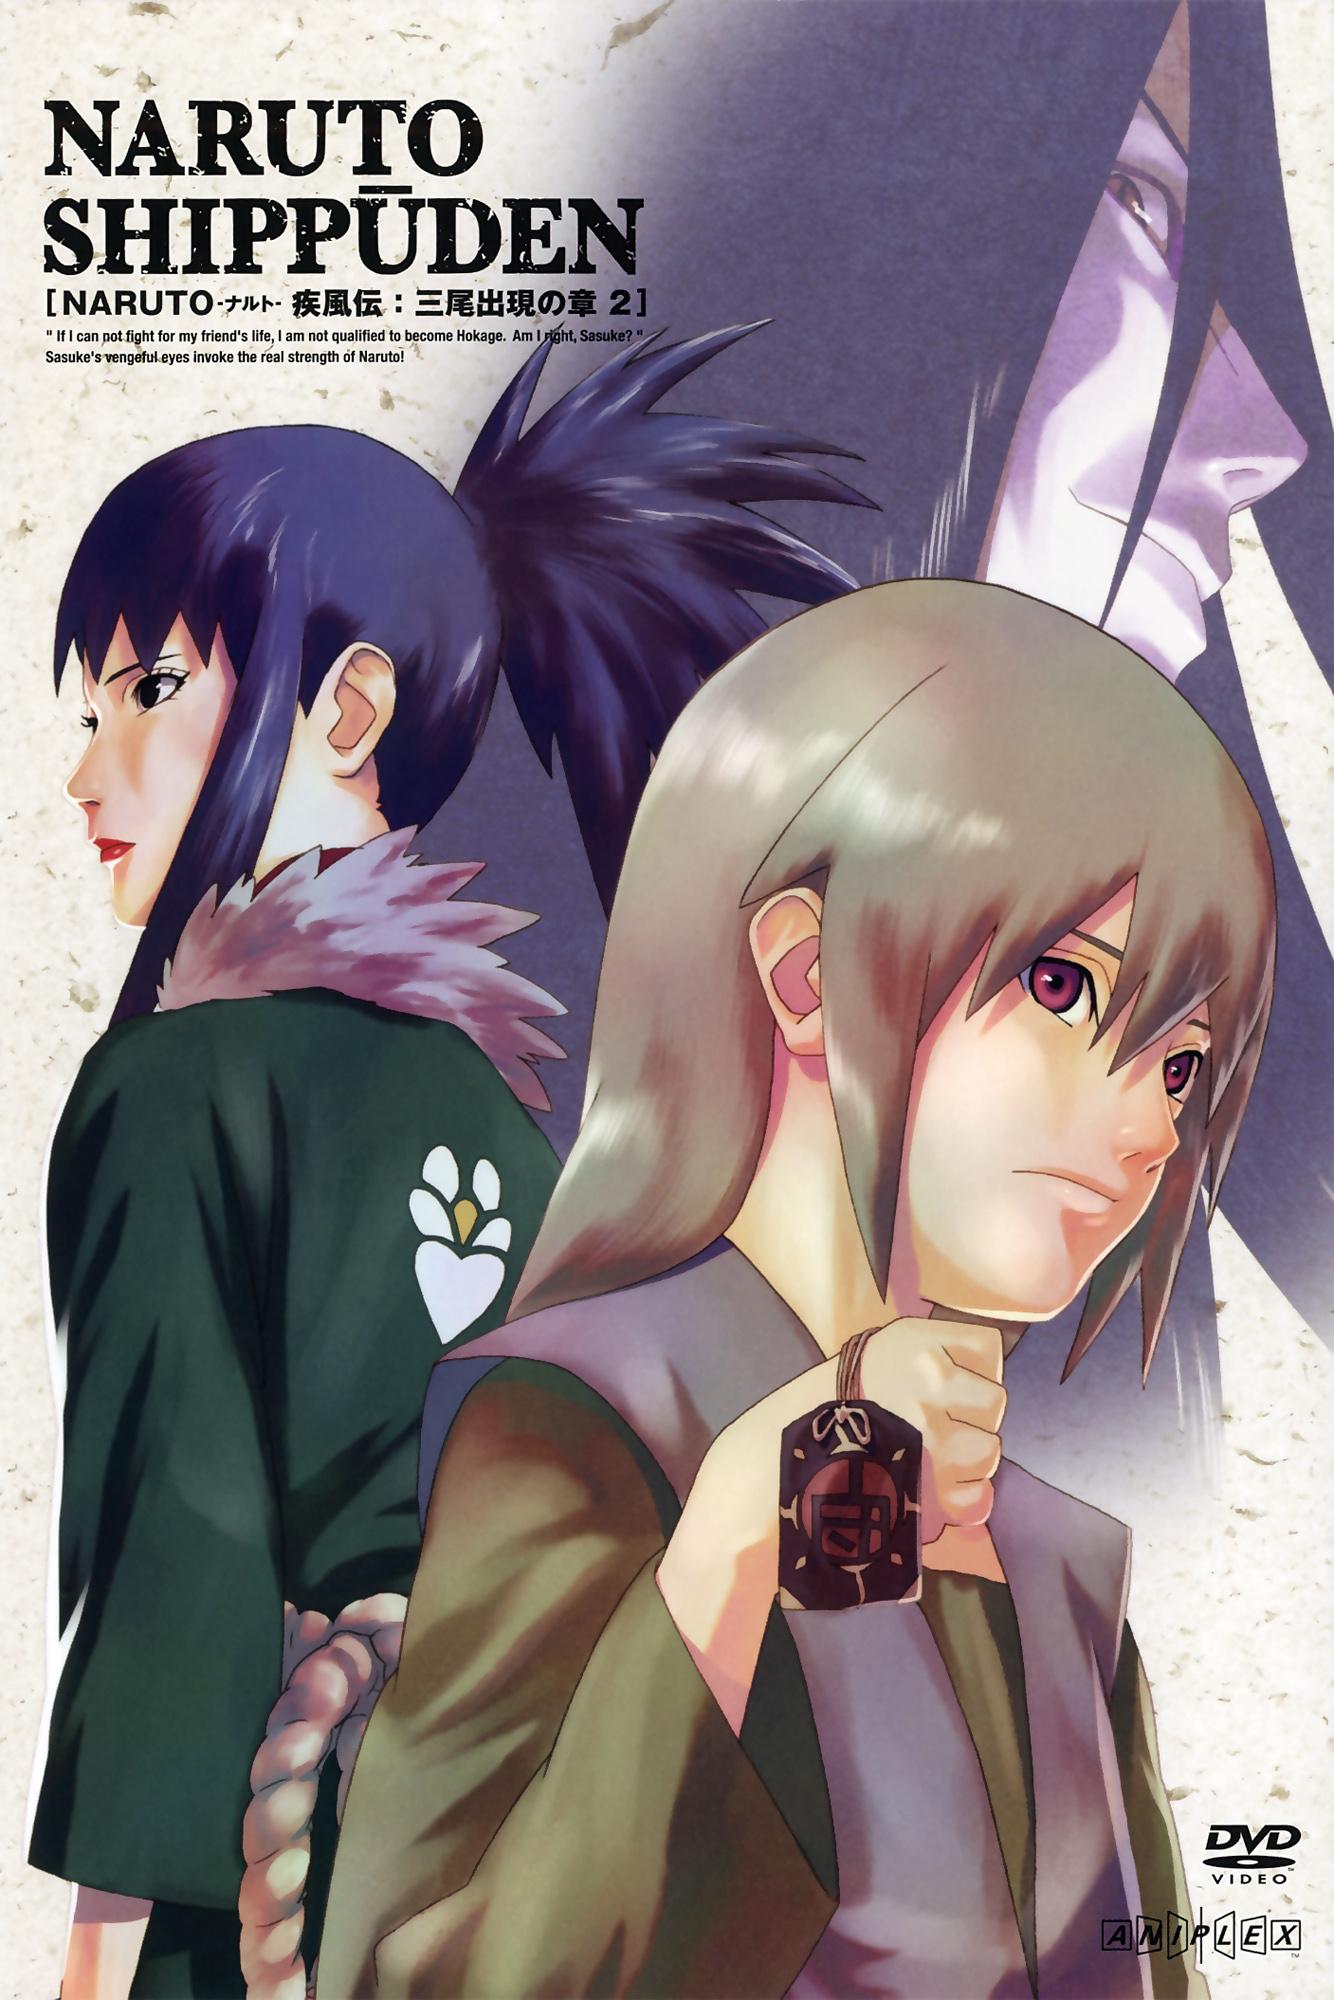 Yukimaru (NARUTO) - Zerochan Anime Image Board